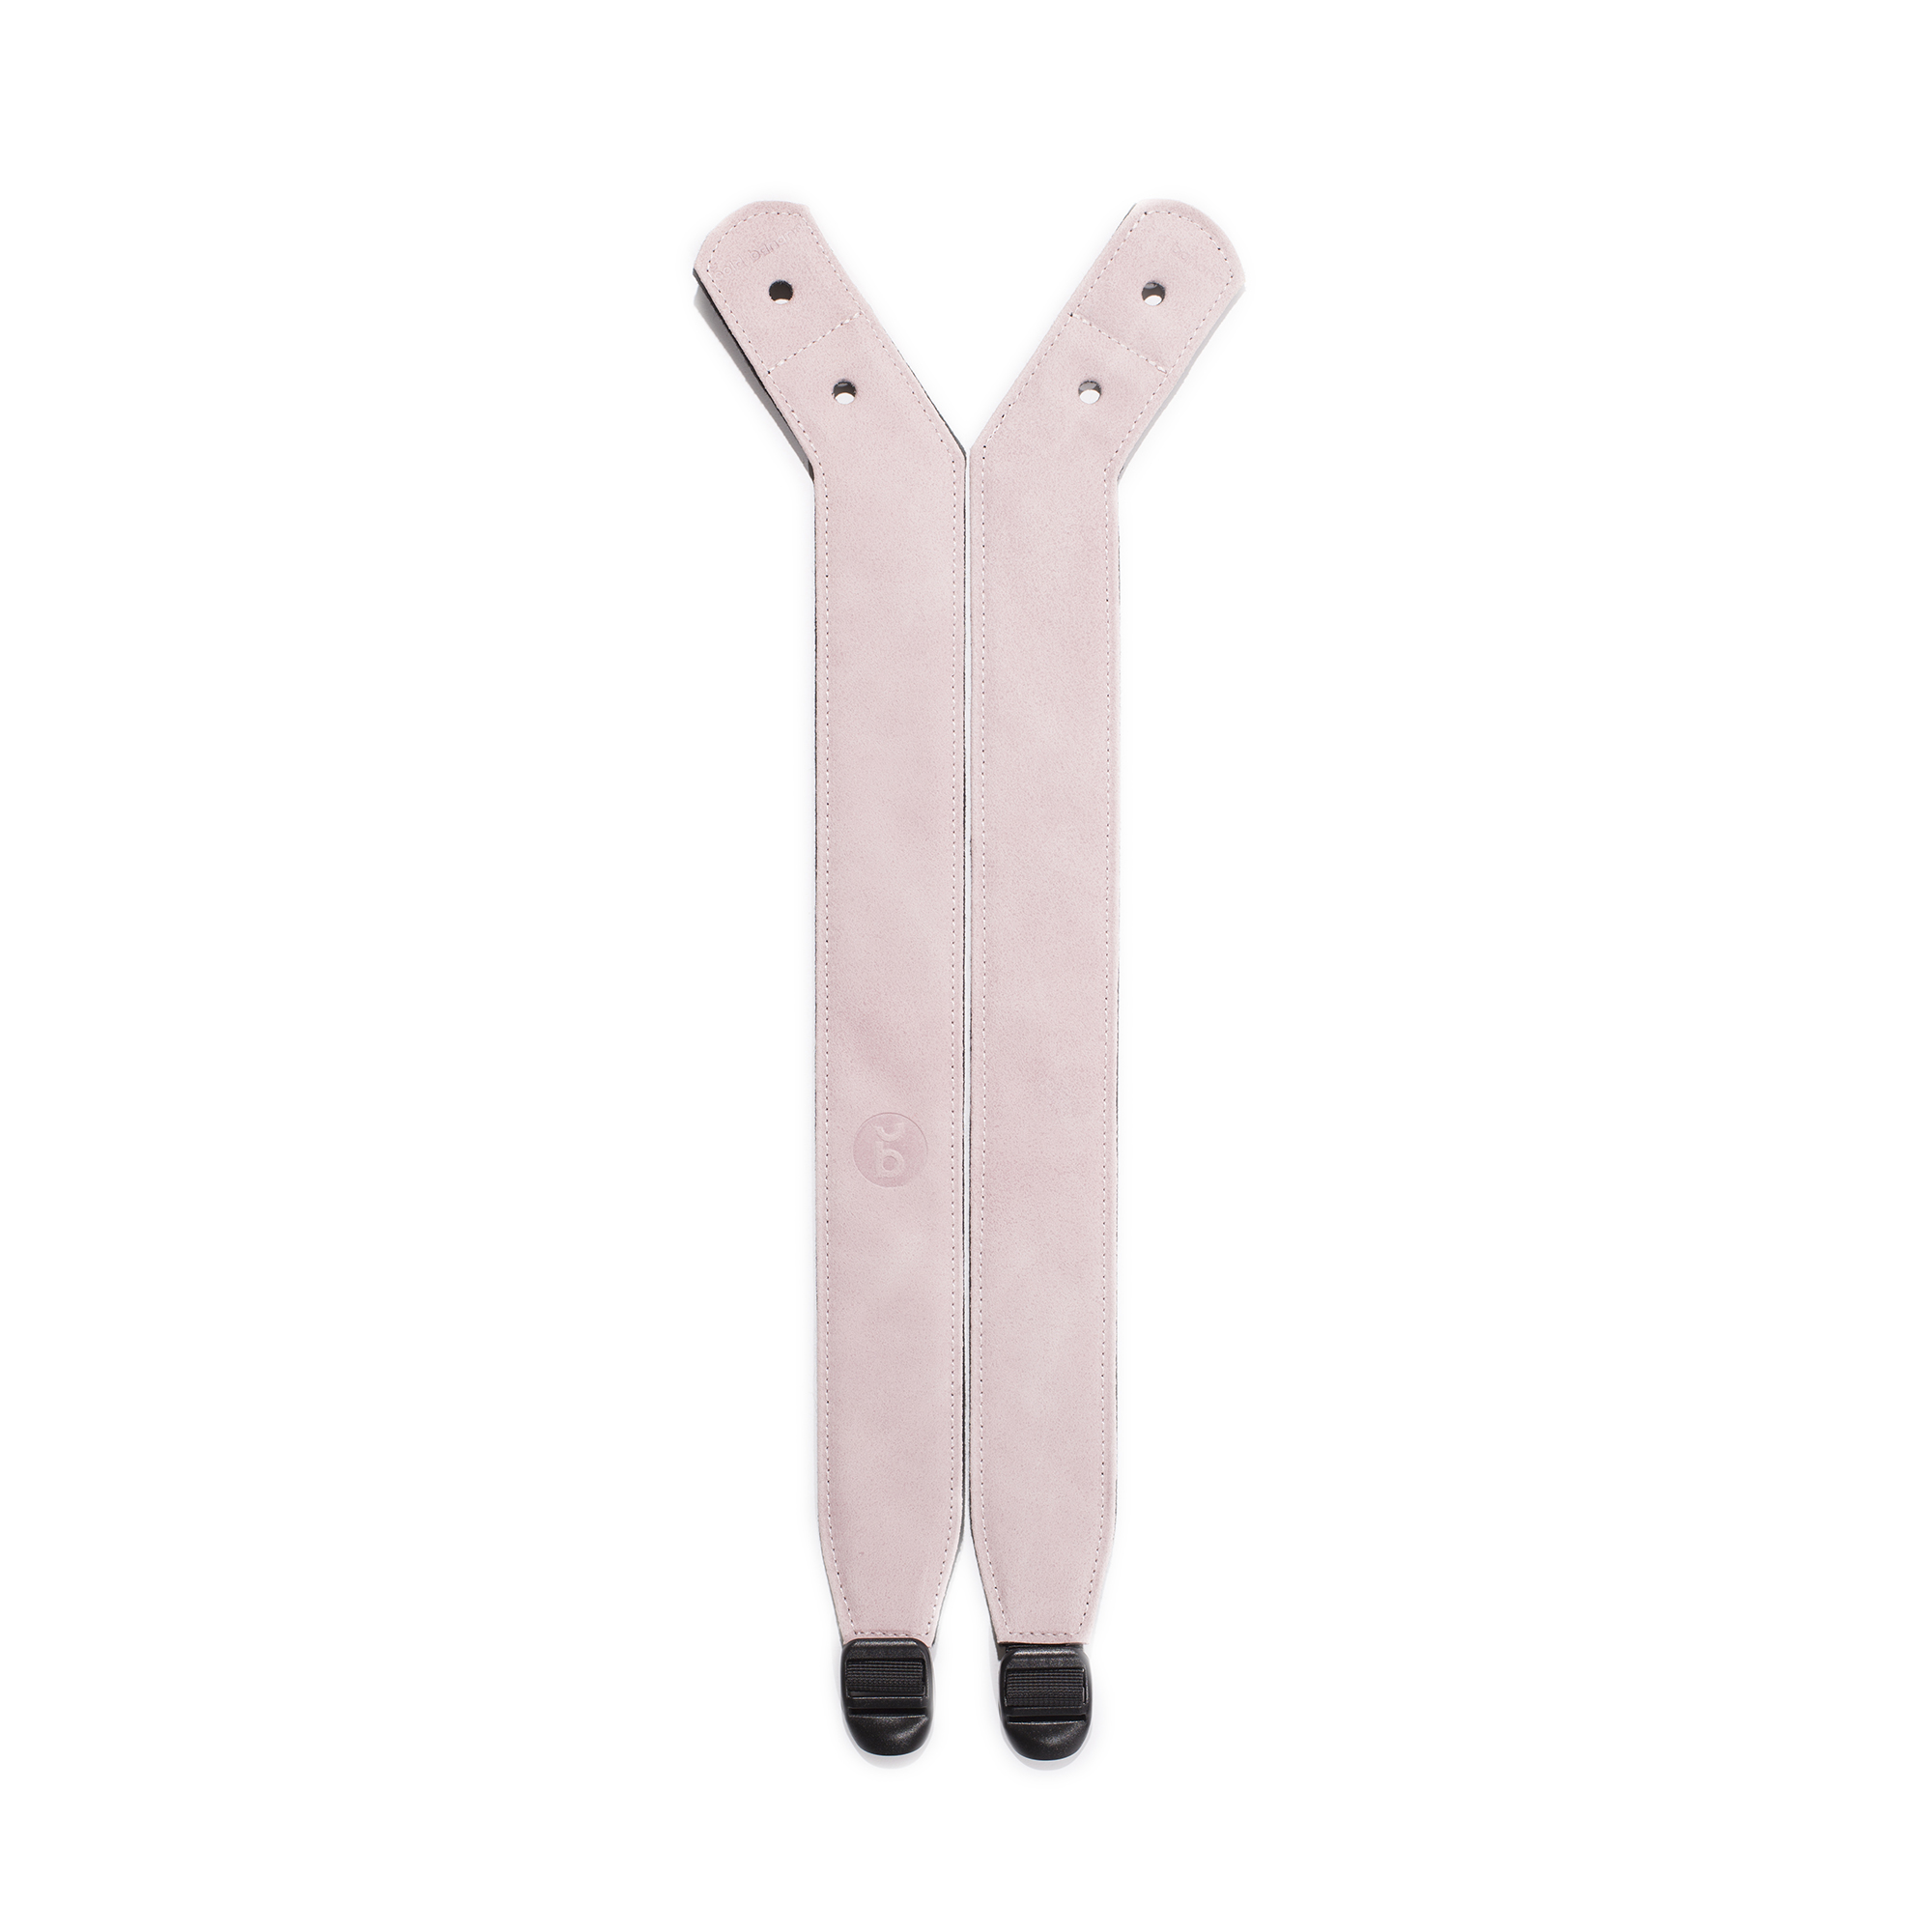 Pinkechter ledervilt aan de achterzijde voor draagcomforteenvoudig verstelbaar